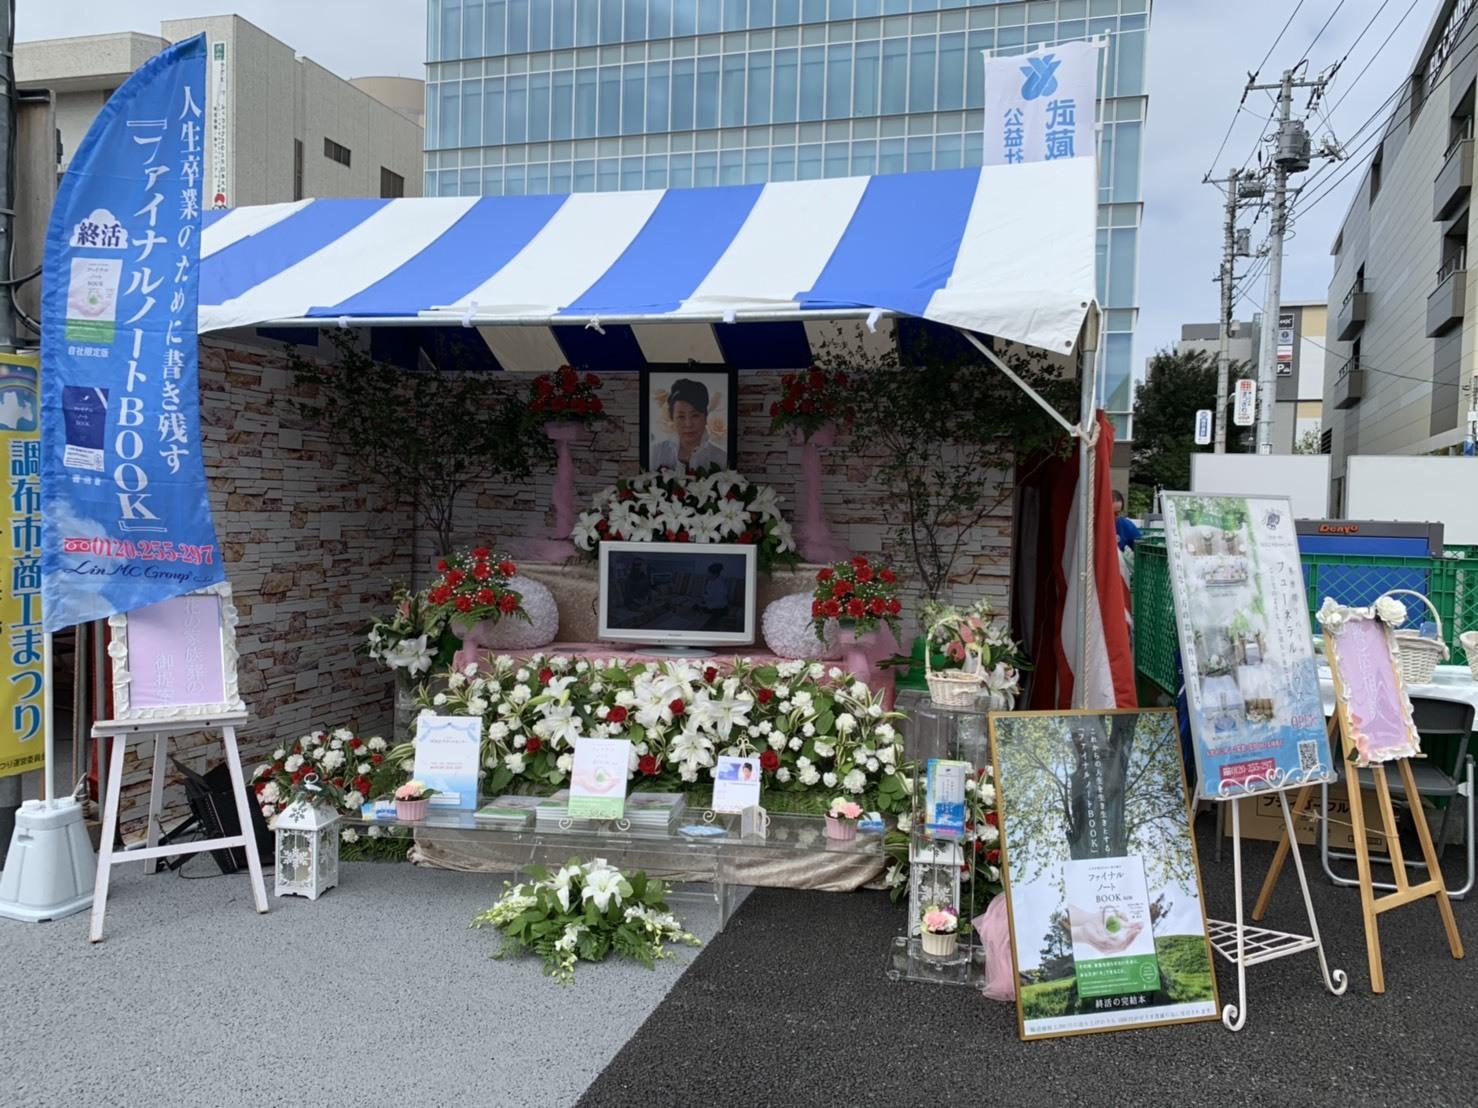 10月26・27日は稲城市産業まつりです。_b0146485_11292583.jpg